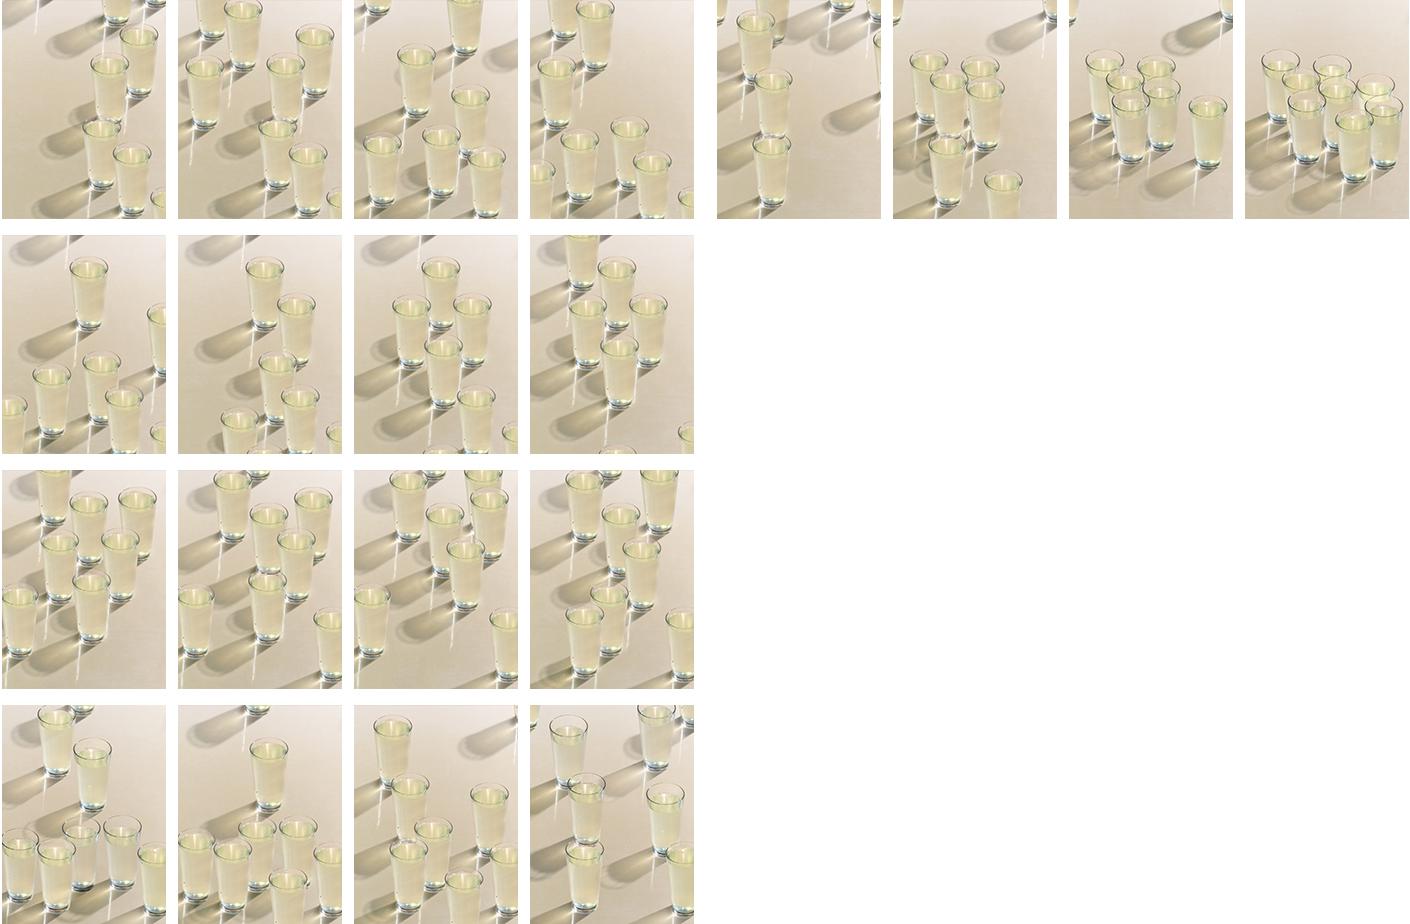 4586 Lemon Juice #17-32 4586 Lemon Juice #33-36  Pigment Print 13.50 x 18.00 inch Image Size 17.00 x 22.00 inch Paper Size 2 EDP / 3 AP